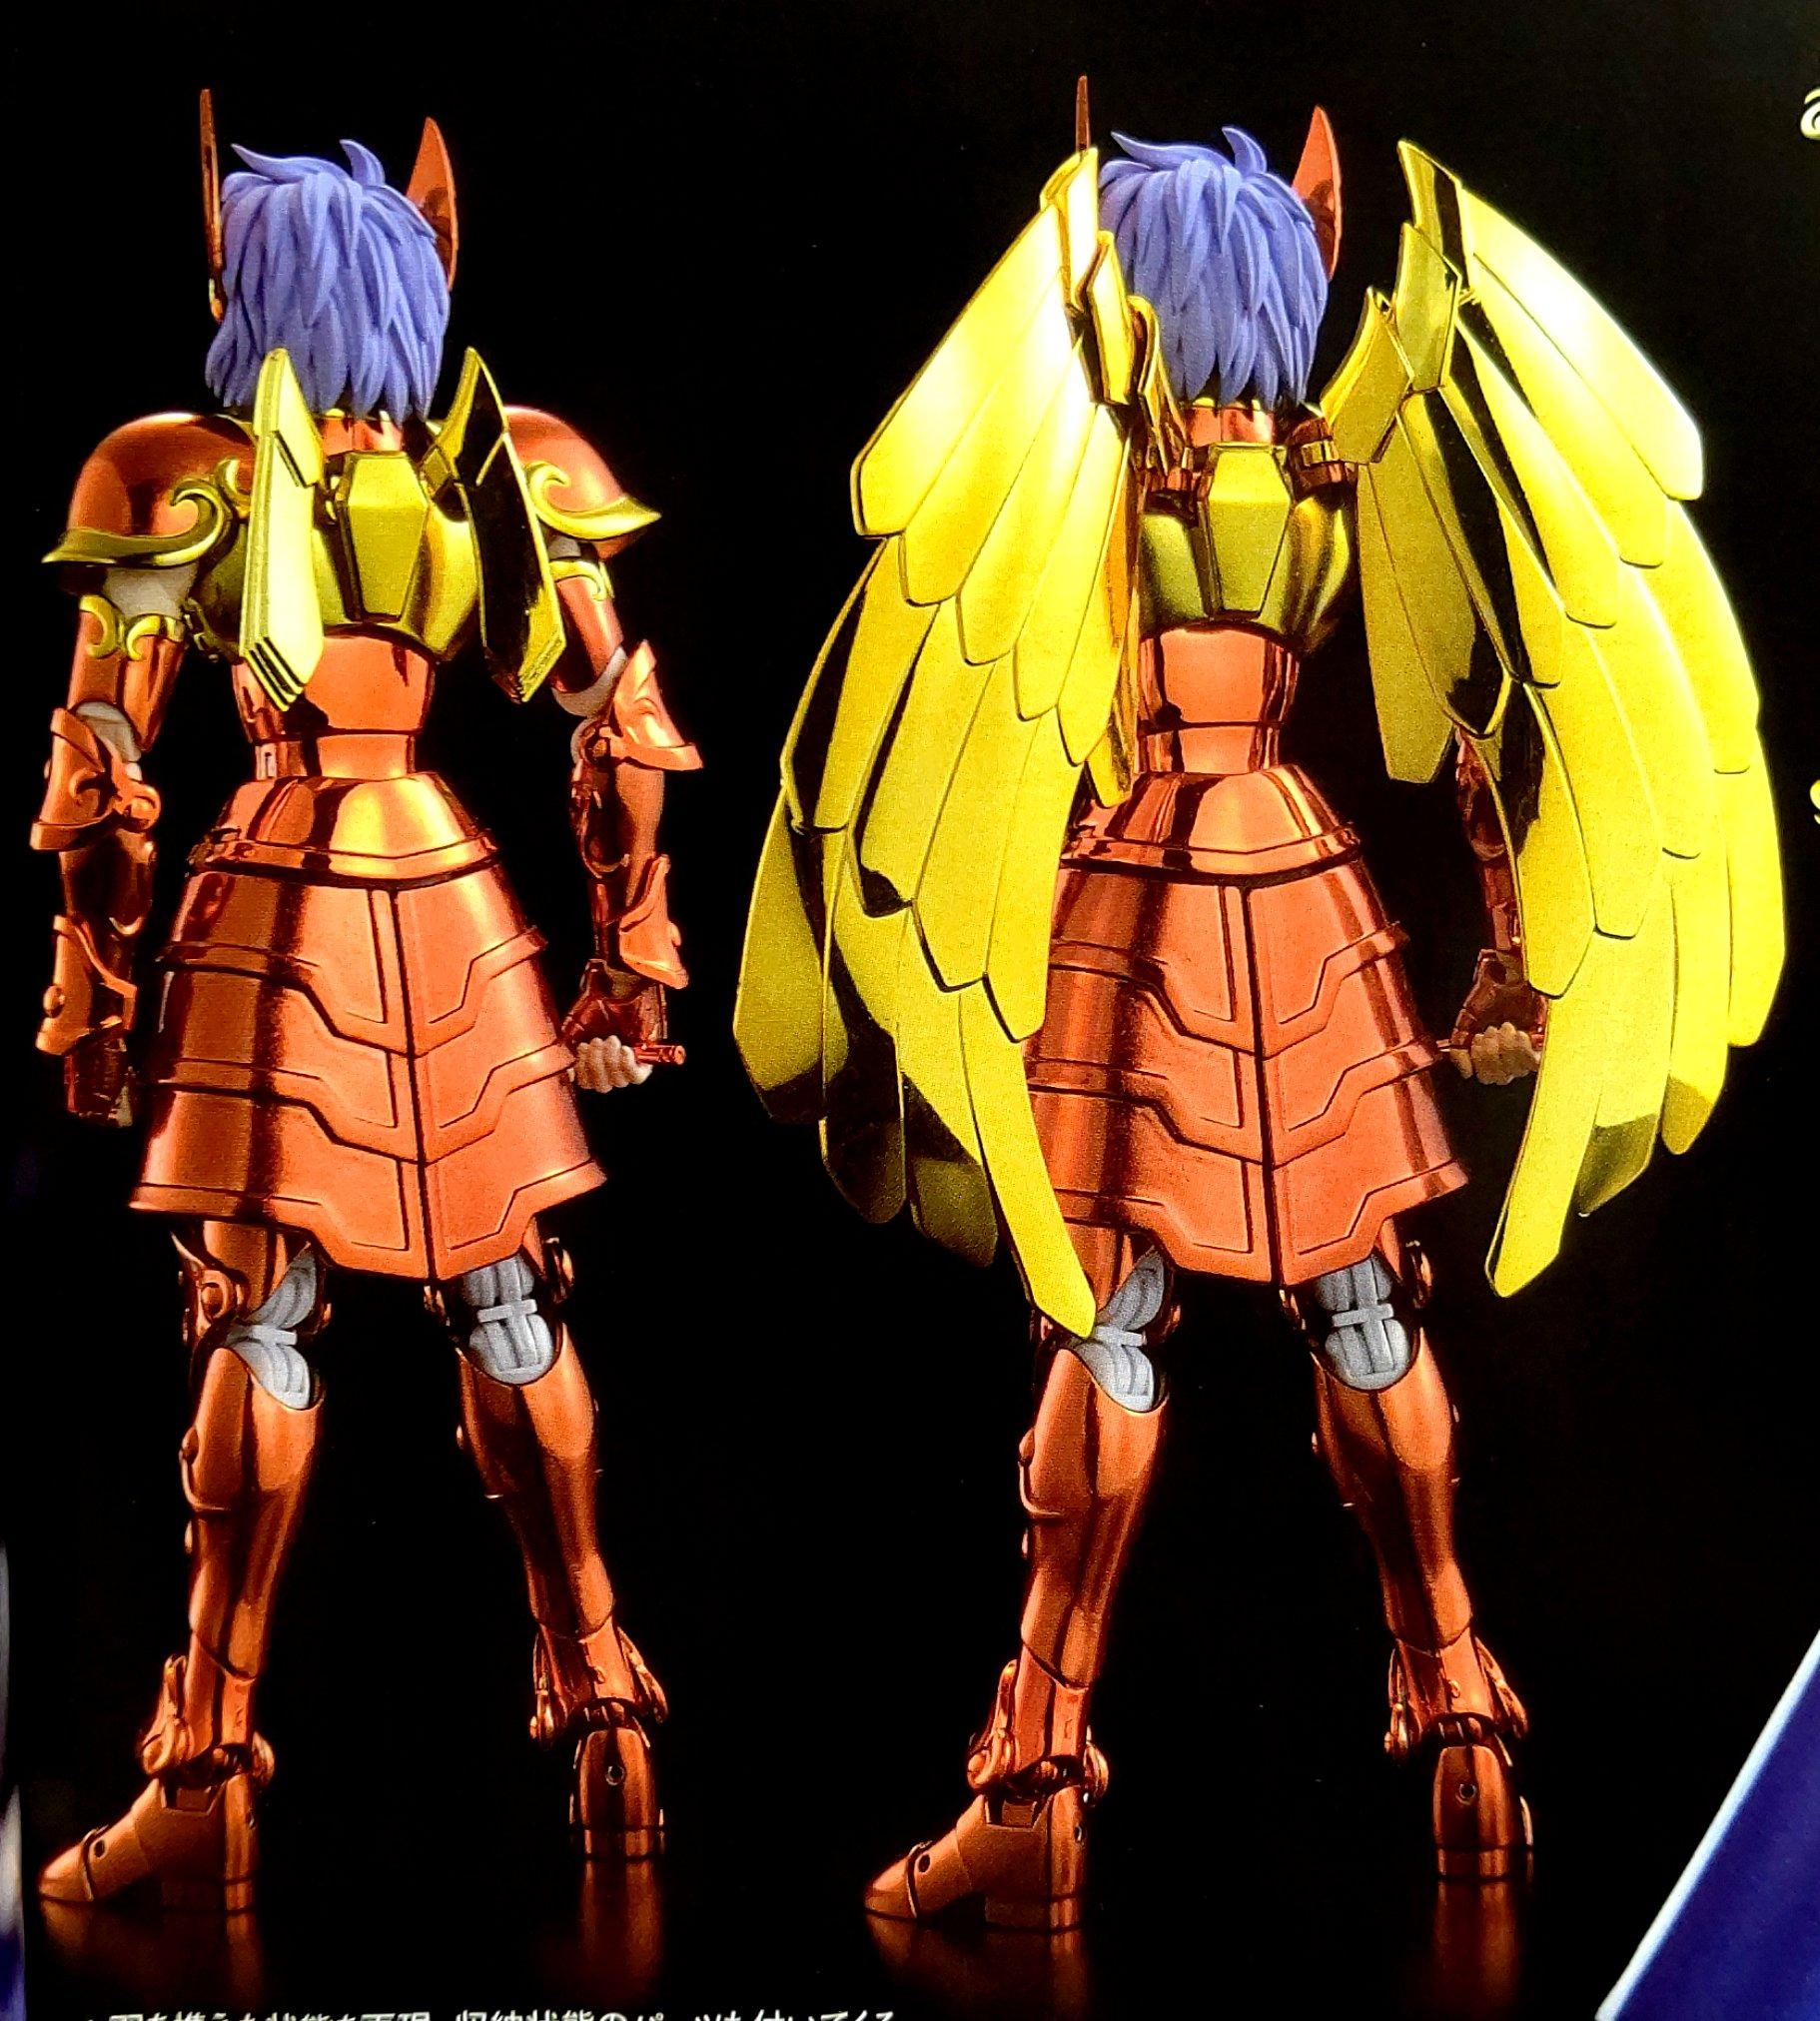 [Comentários] Sorento de Sirene EX - Asgard Final Battle Version  L37dHm03_o